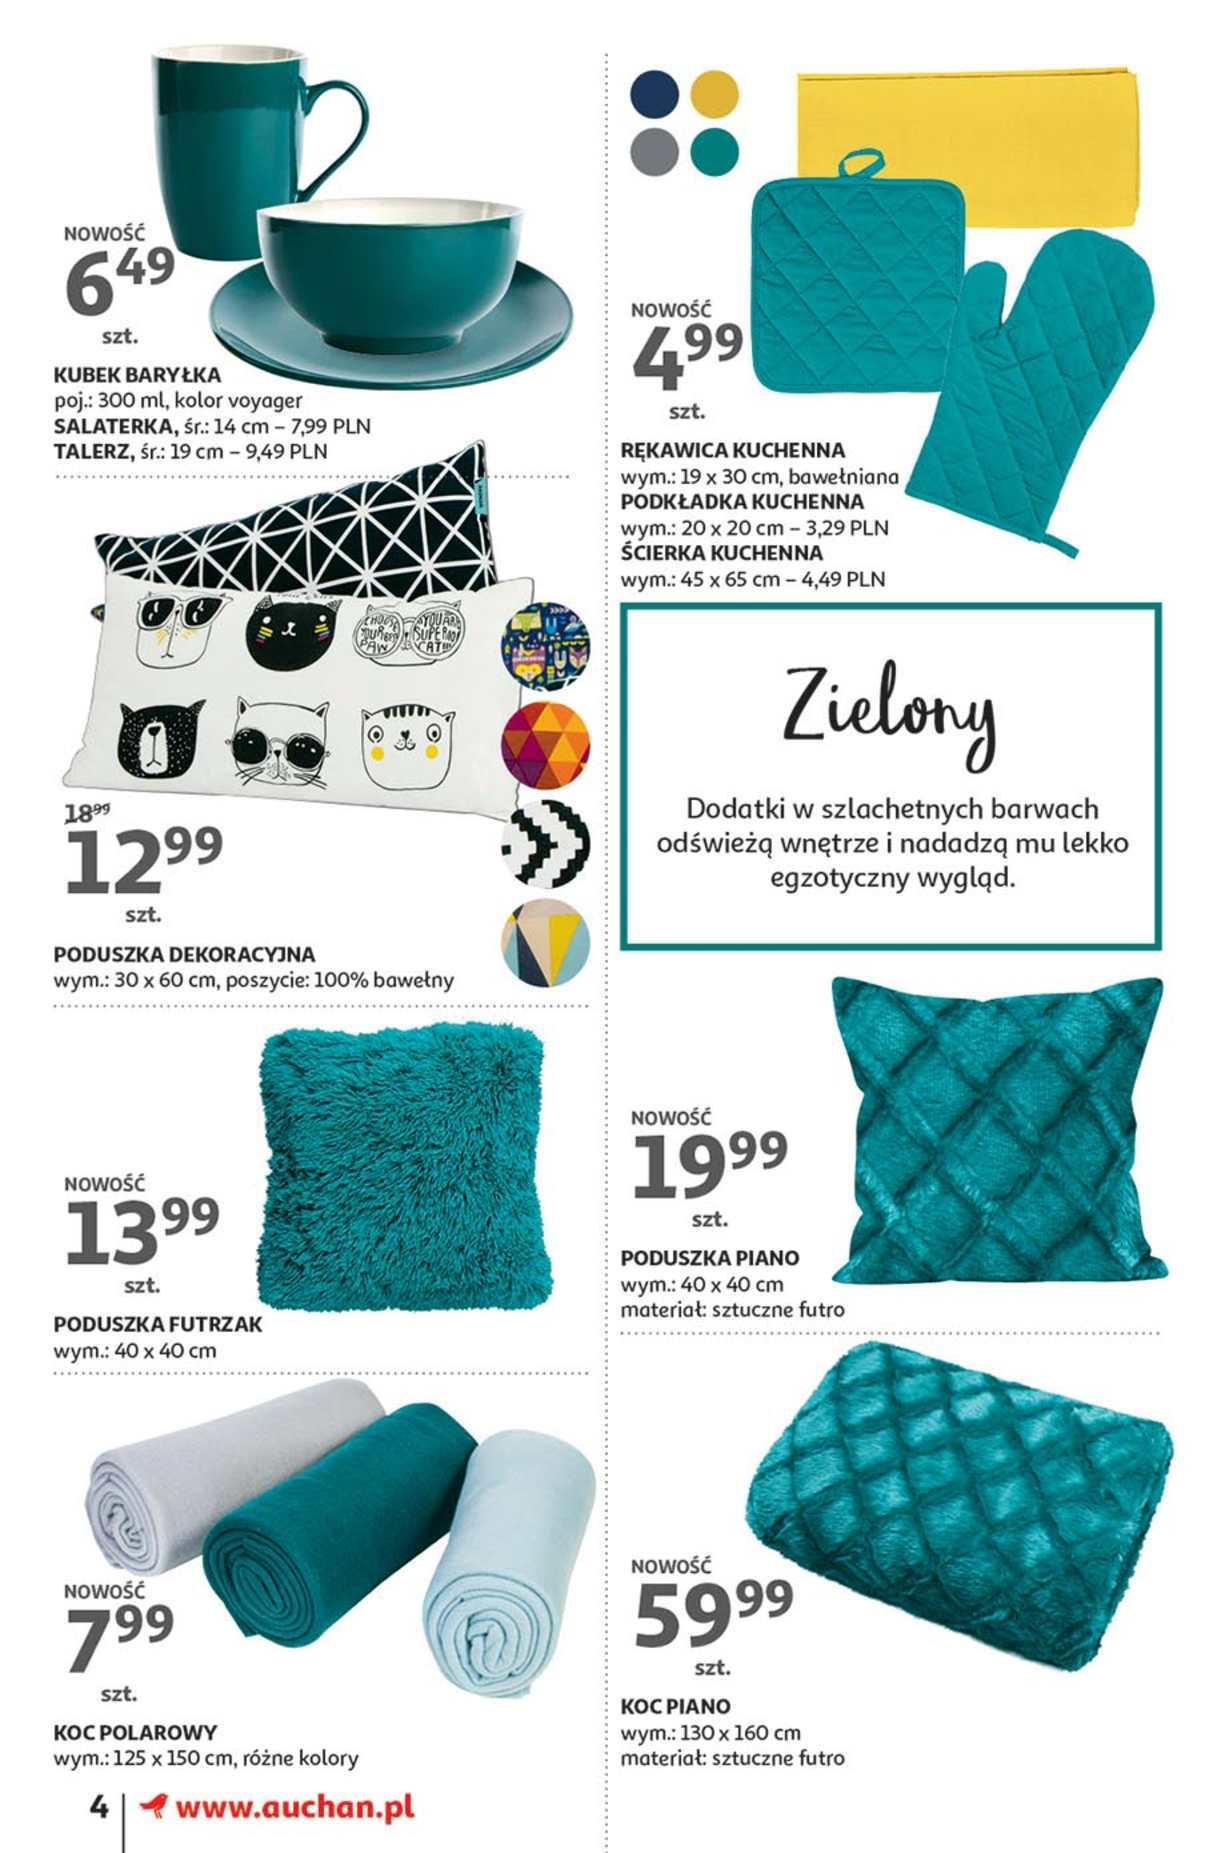 Gazetka promocyjna Auchan do 23/01/2019 str.4